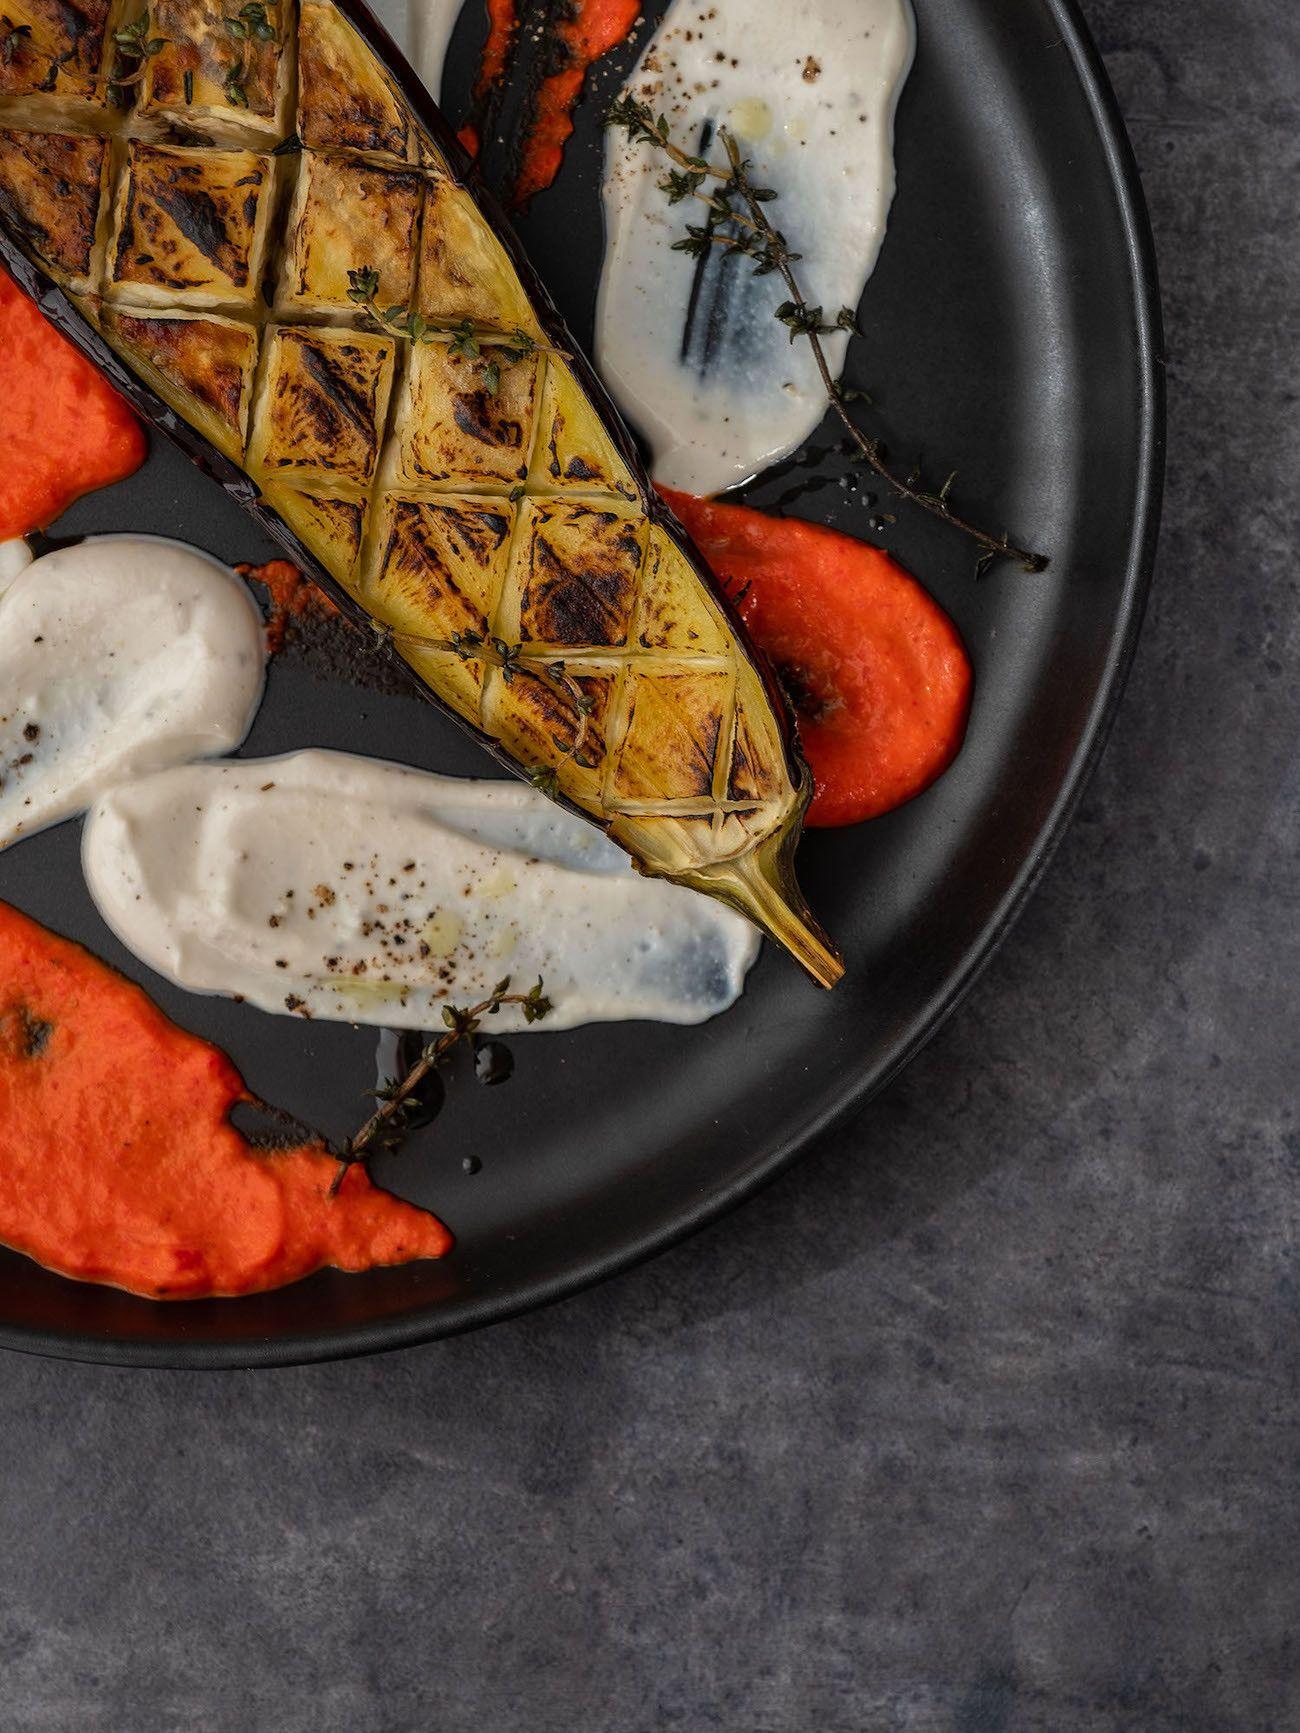 Foodblog About Fuel, Rezept Gegrillte Aubergine mit Joghurt-Tahin Soße und Paprika Dip, Thymian, Teller, Foodart